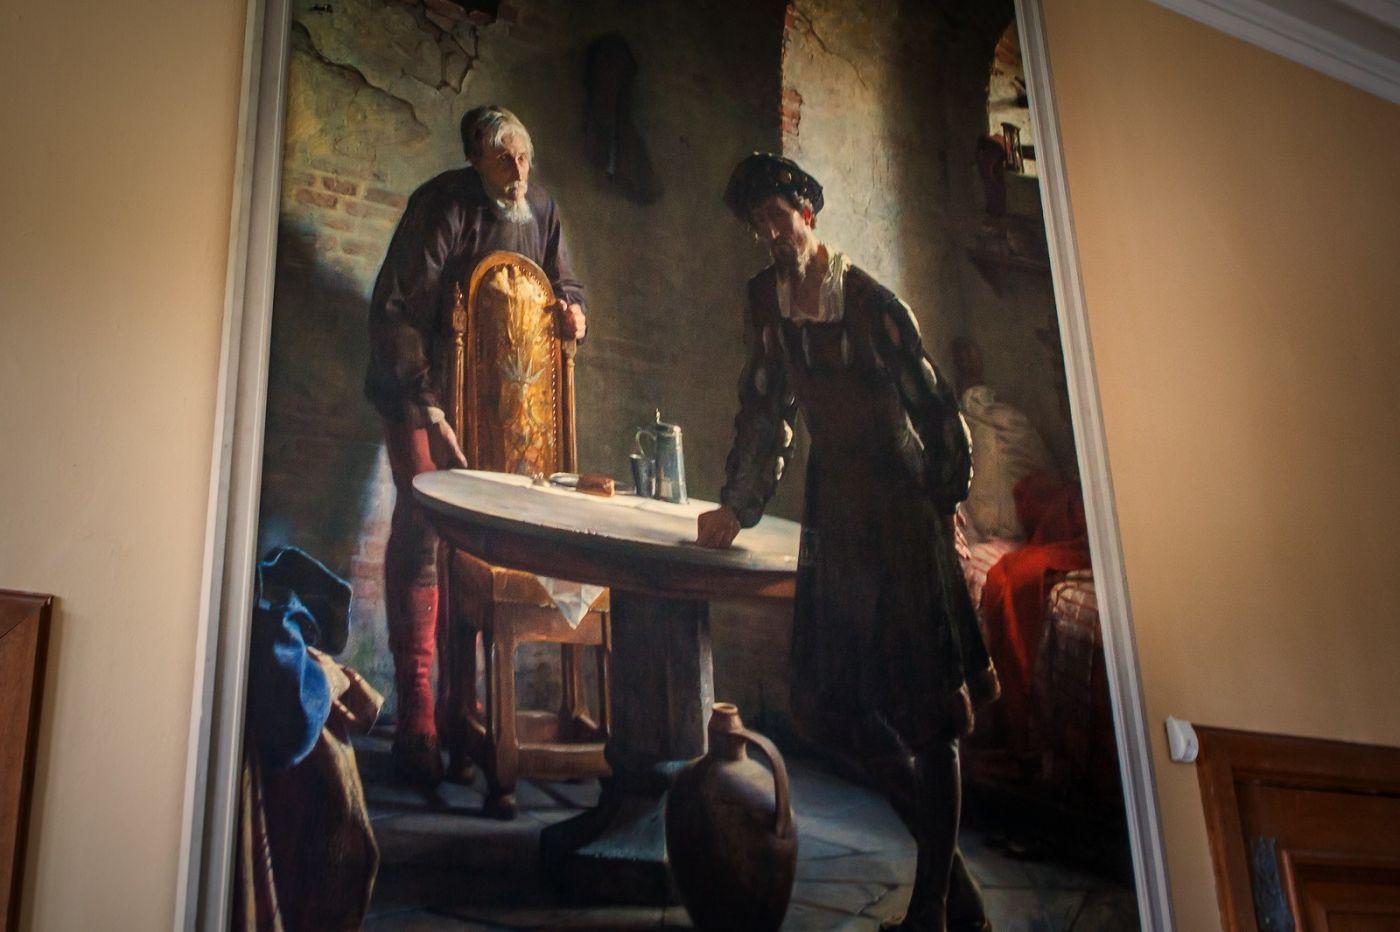 丹麦腓特烈堡城堡,油画里的故事_图1-2